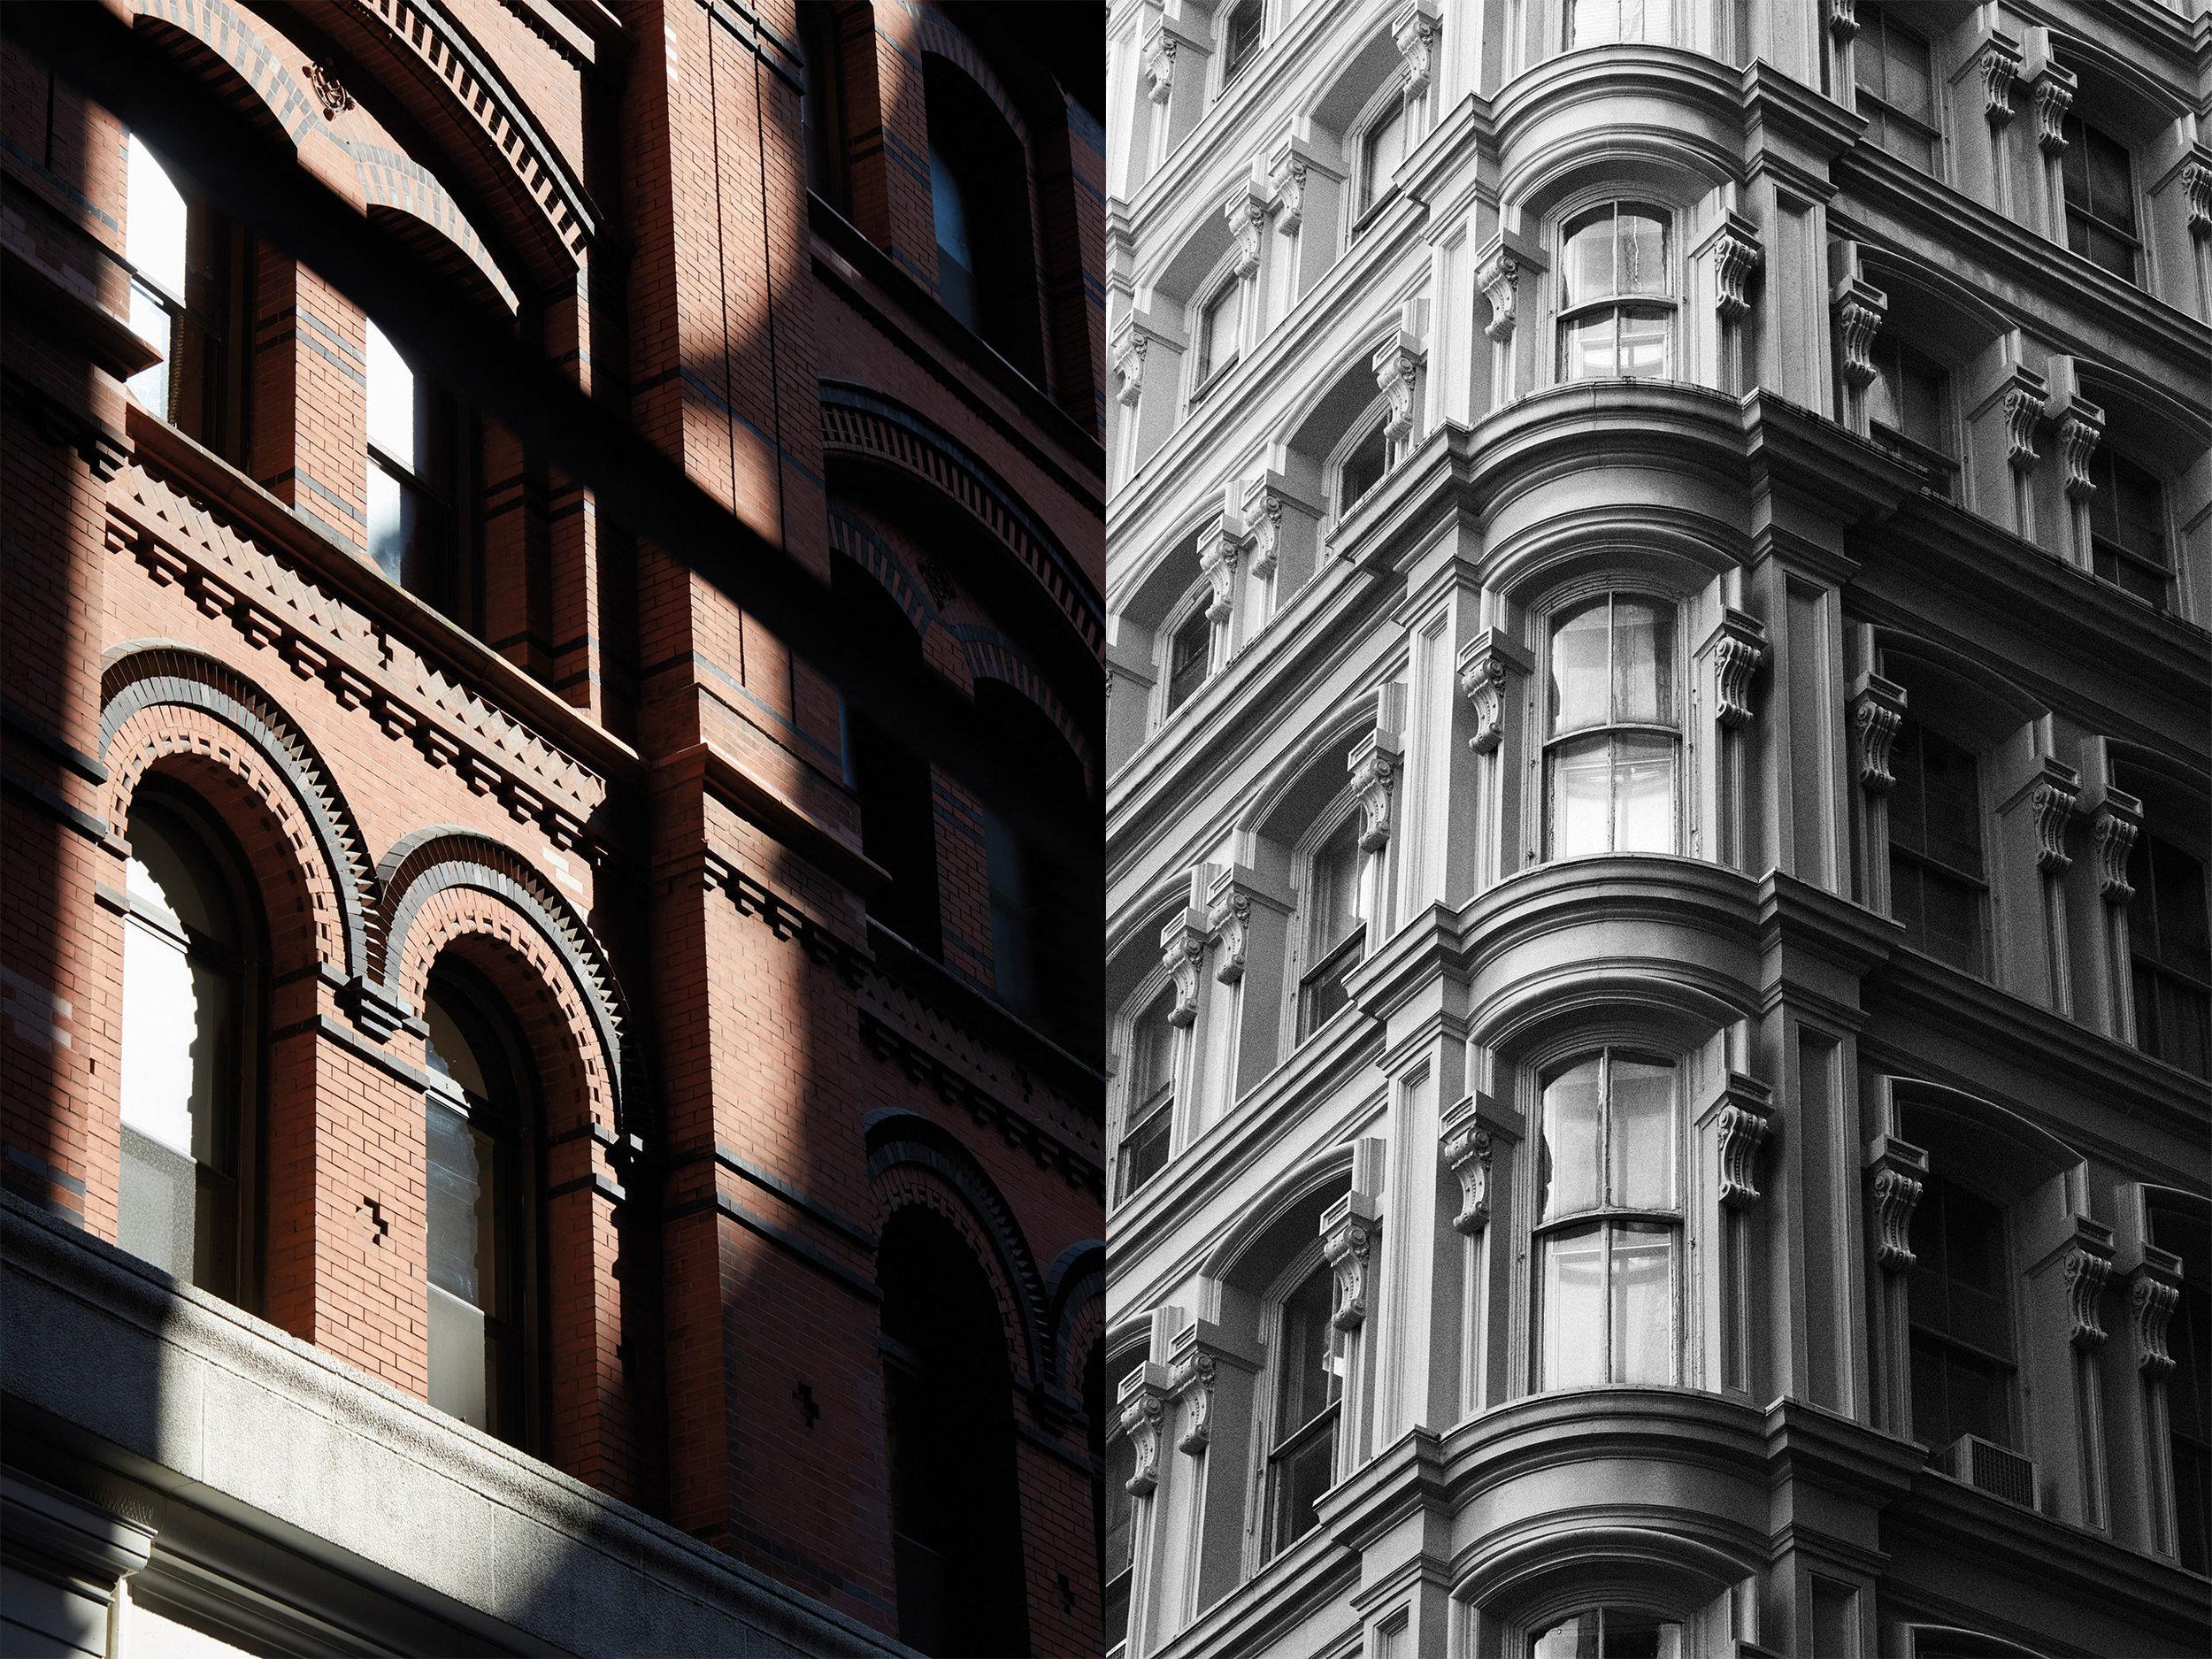 金融区的经典建筑风格,拱形的窗户